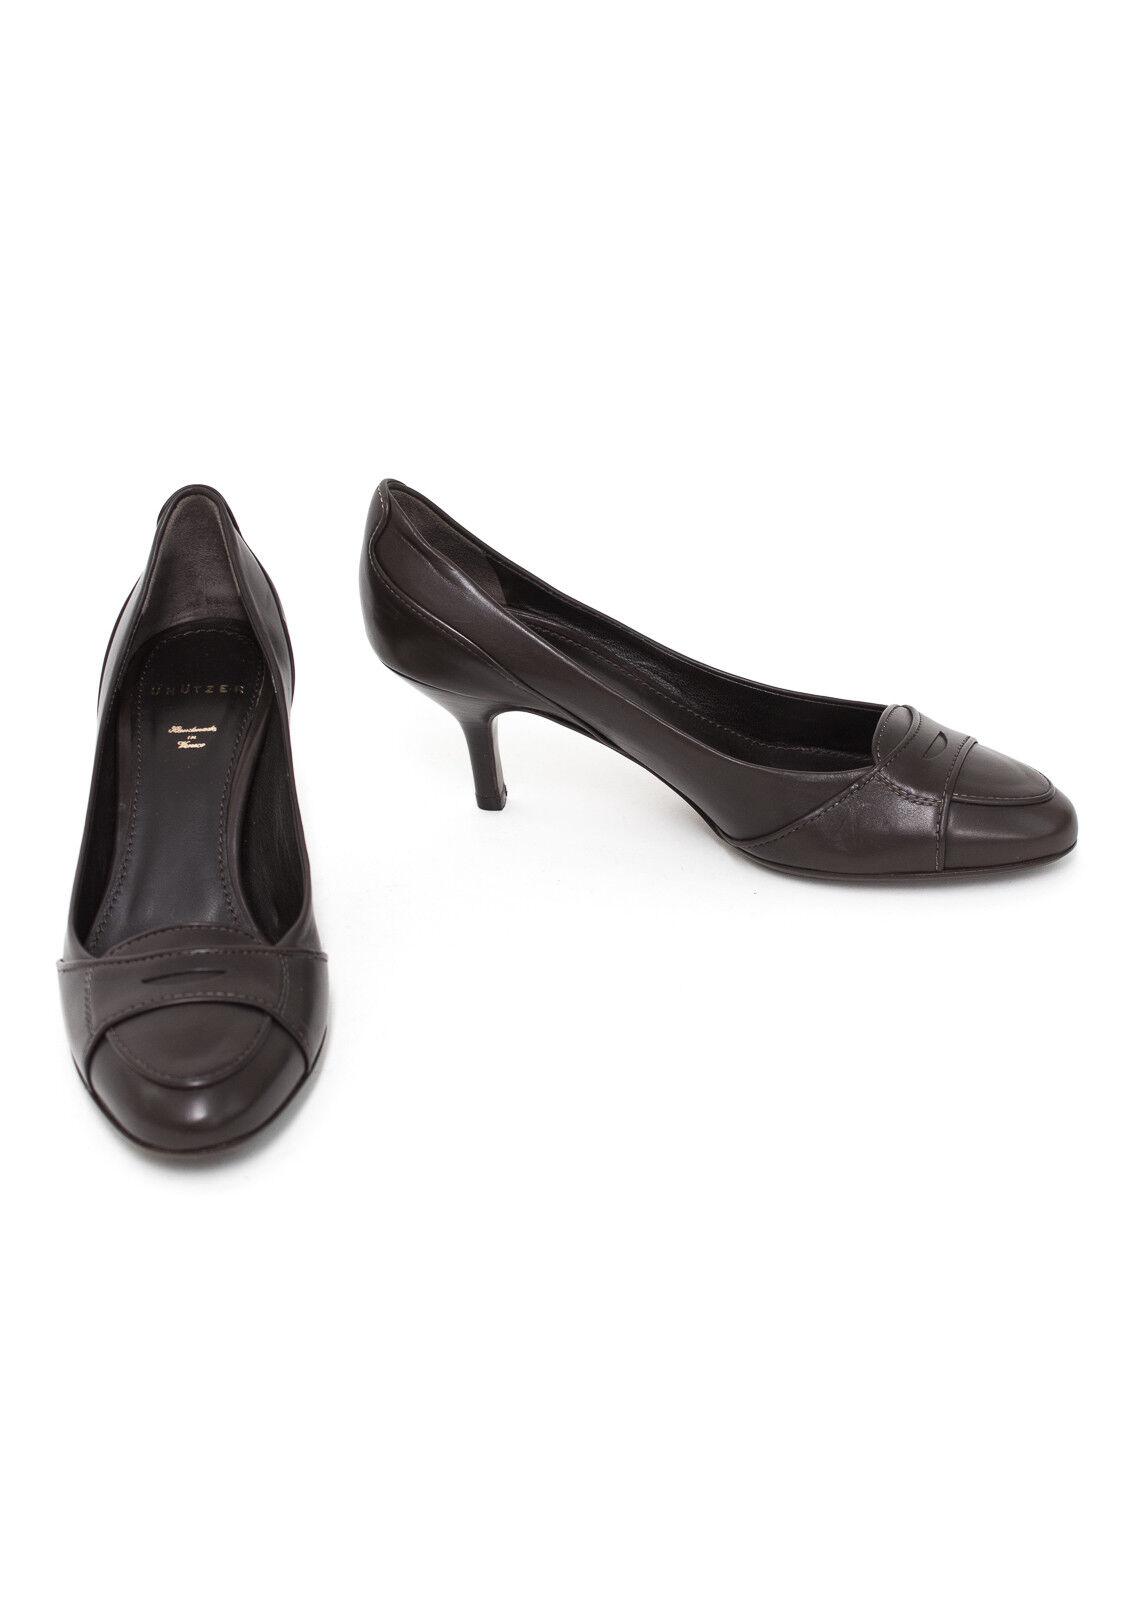 Schuhe Damen 36 DE Gr. Pumps High UNÜTZER NEU Leder Braun